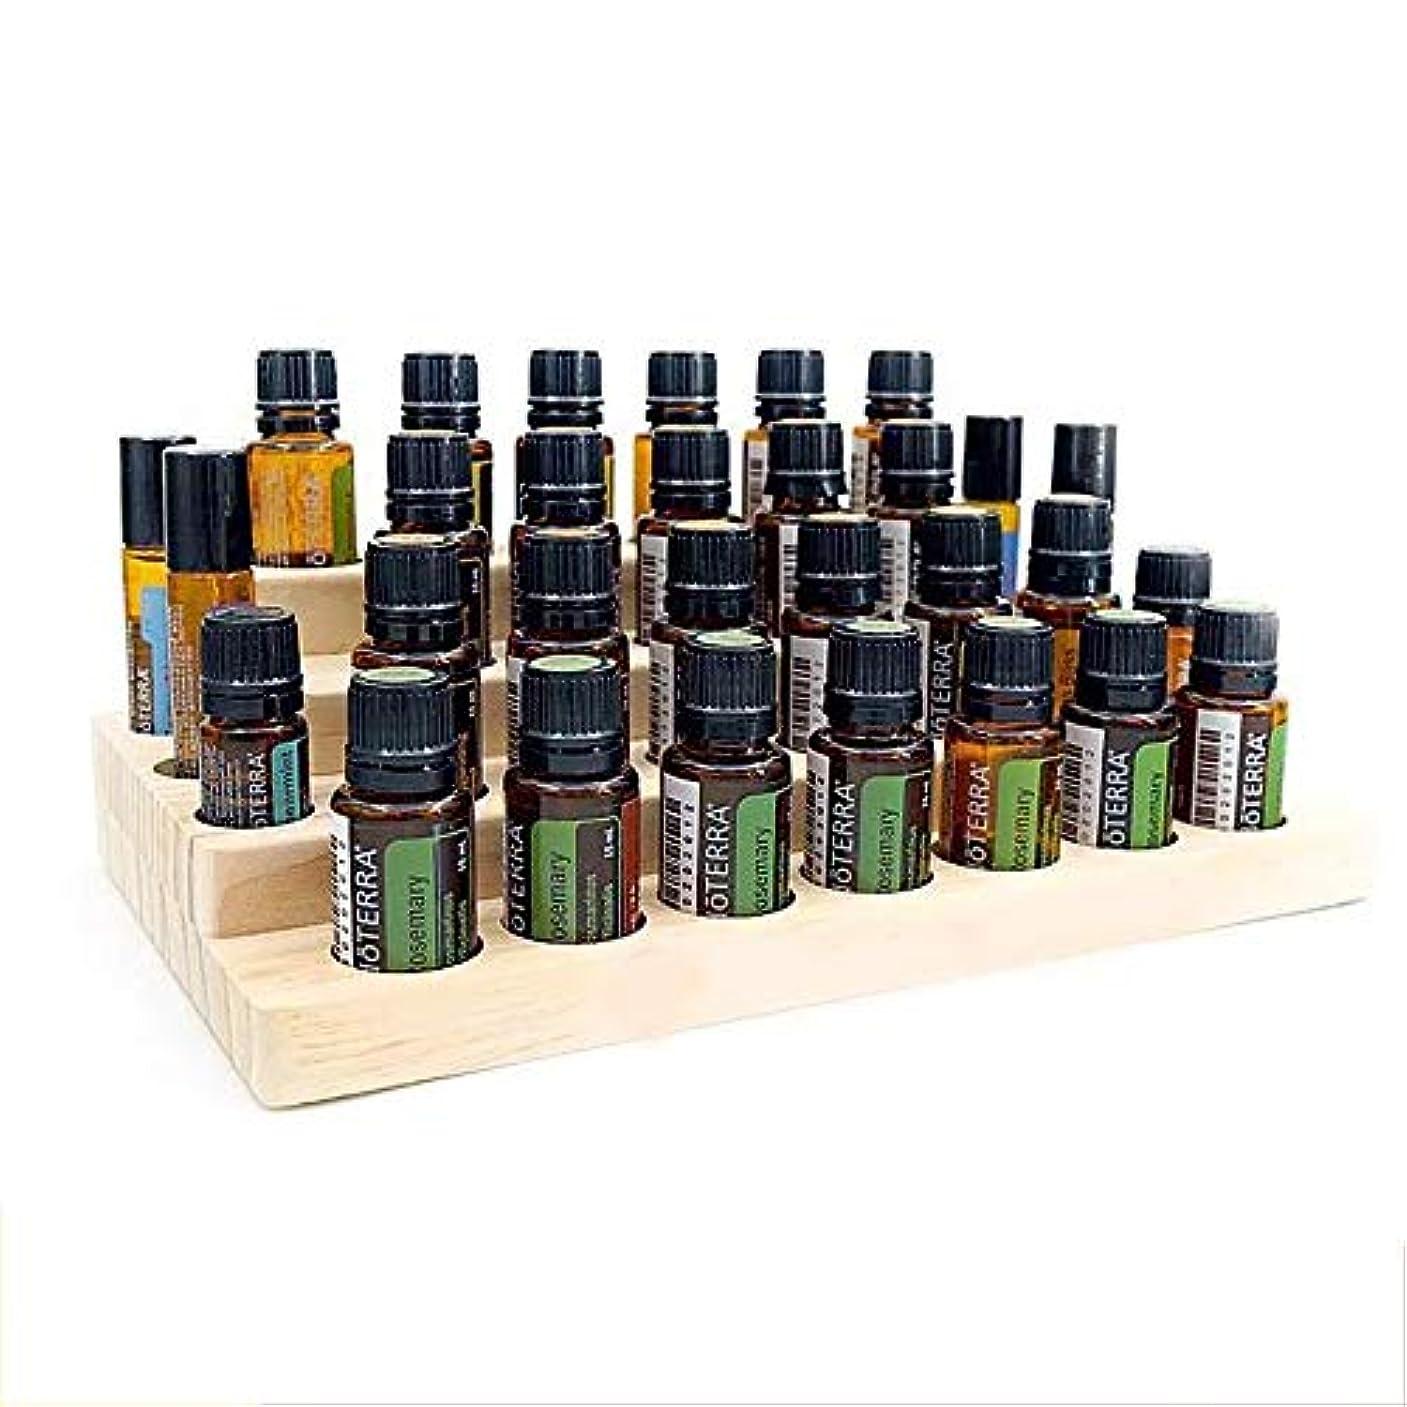 ウッズスマイル一握り30スロット木製エッセンシャルオイル木製ボックス油の収納ケースは、30本のボトルを保持します アロマセラピー製品 (色 : Natural, サイズ : 28.7X16.7X7.8CM)